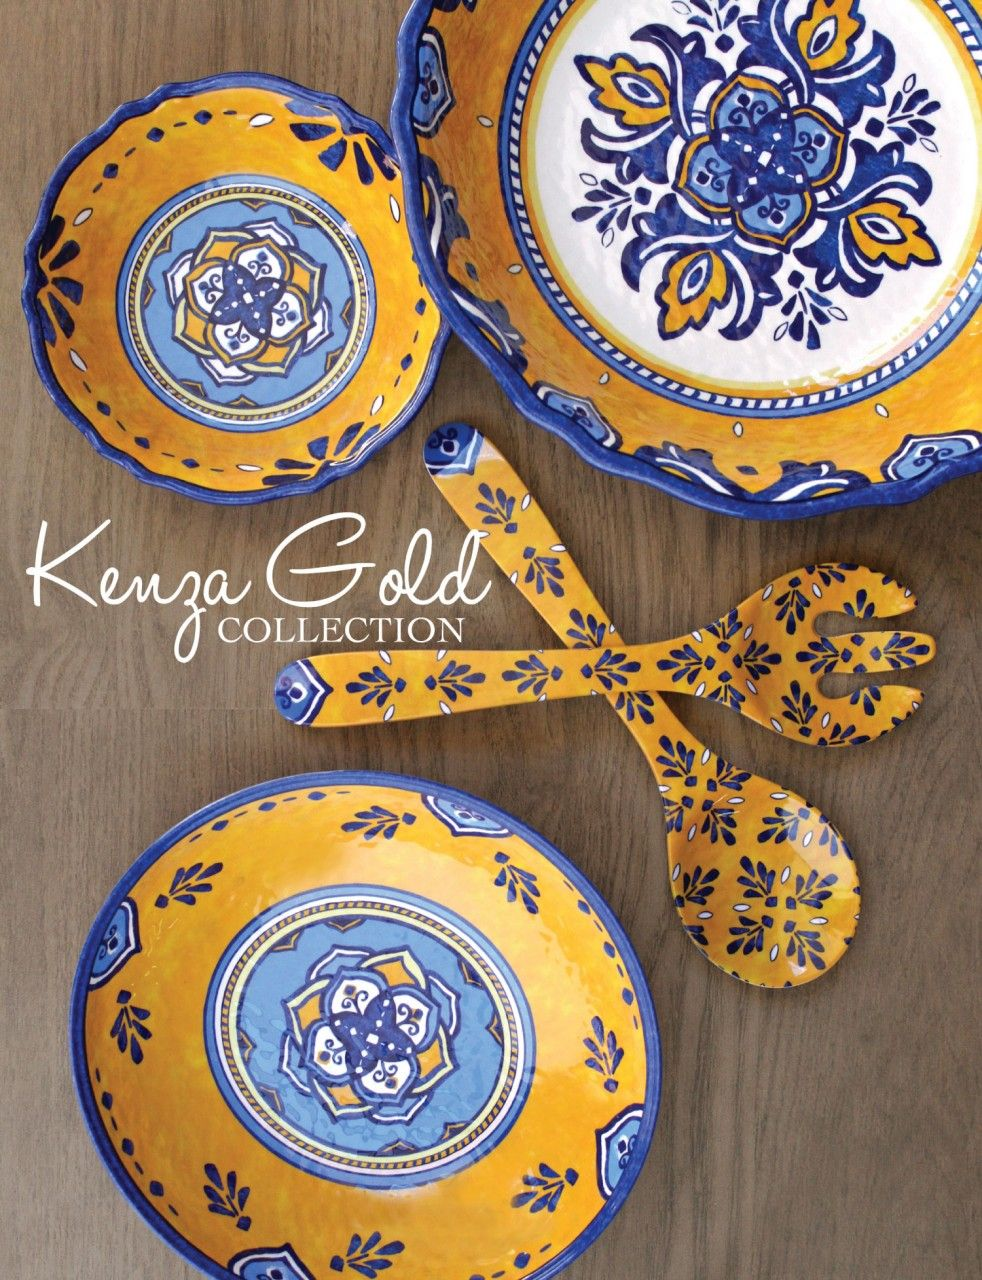 Le Cadeaux Melamine Collections #4: Le Cadeaux Kenza Gold Melamine Dinnerware Collection